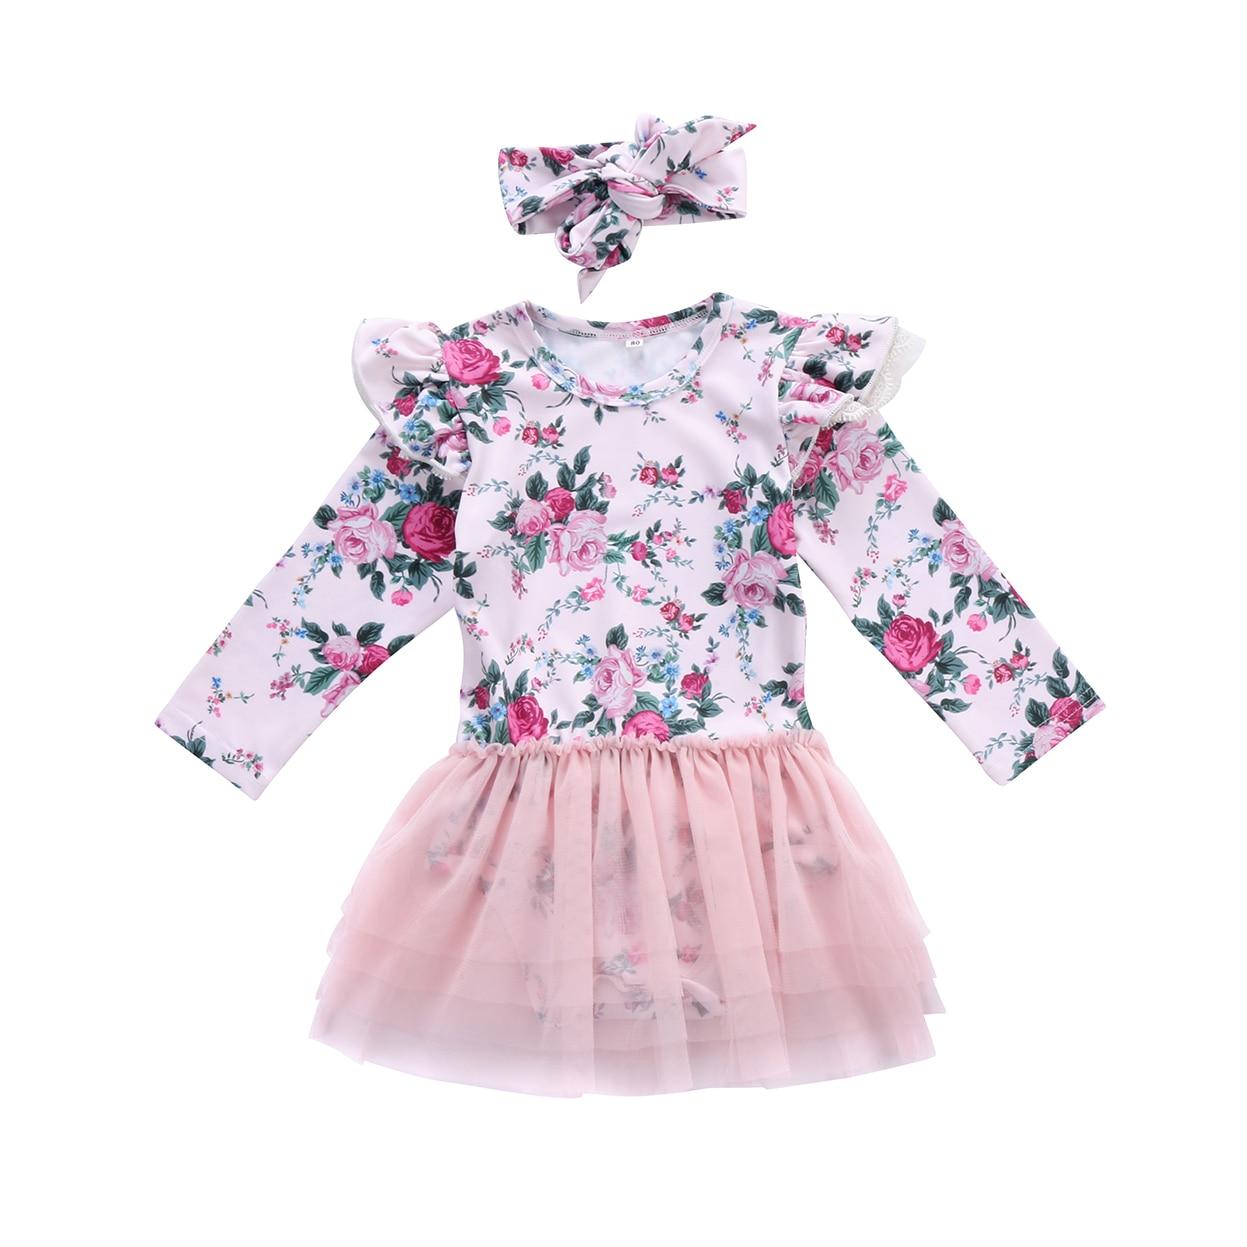 2018 recién nacido bebé niñas traje Floral encaje desfile vestido + diadema Conjunto 2 piezas tamaño 0-24 M